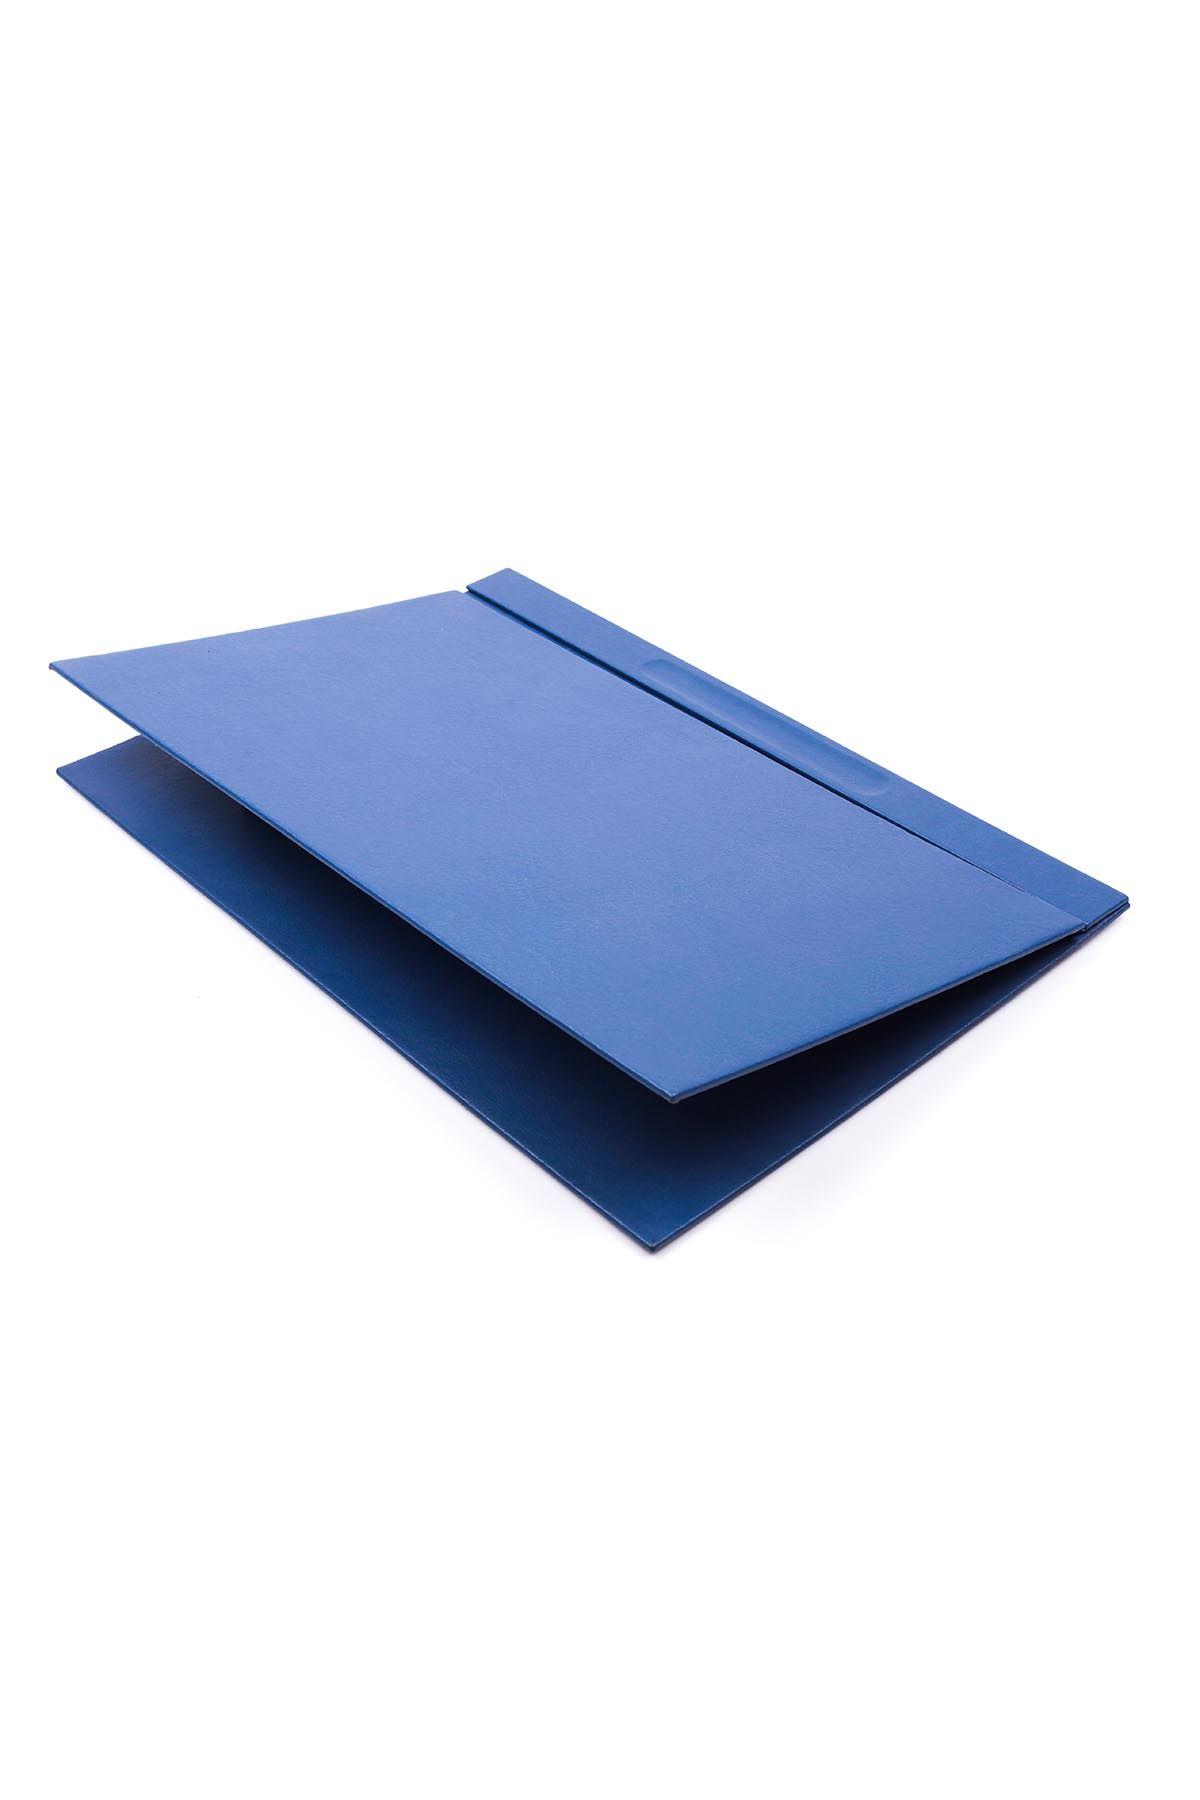 Deri Sümen Takımı Mavi 8 Parça İsimlik Hediyeli